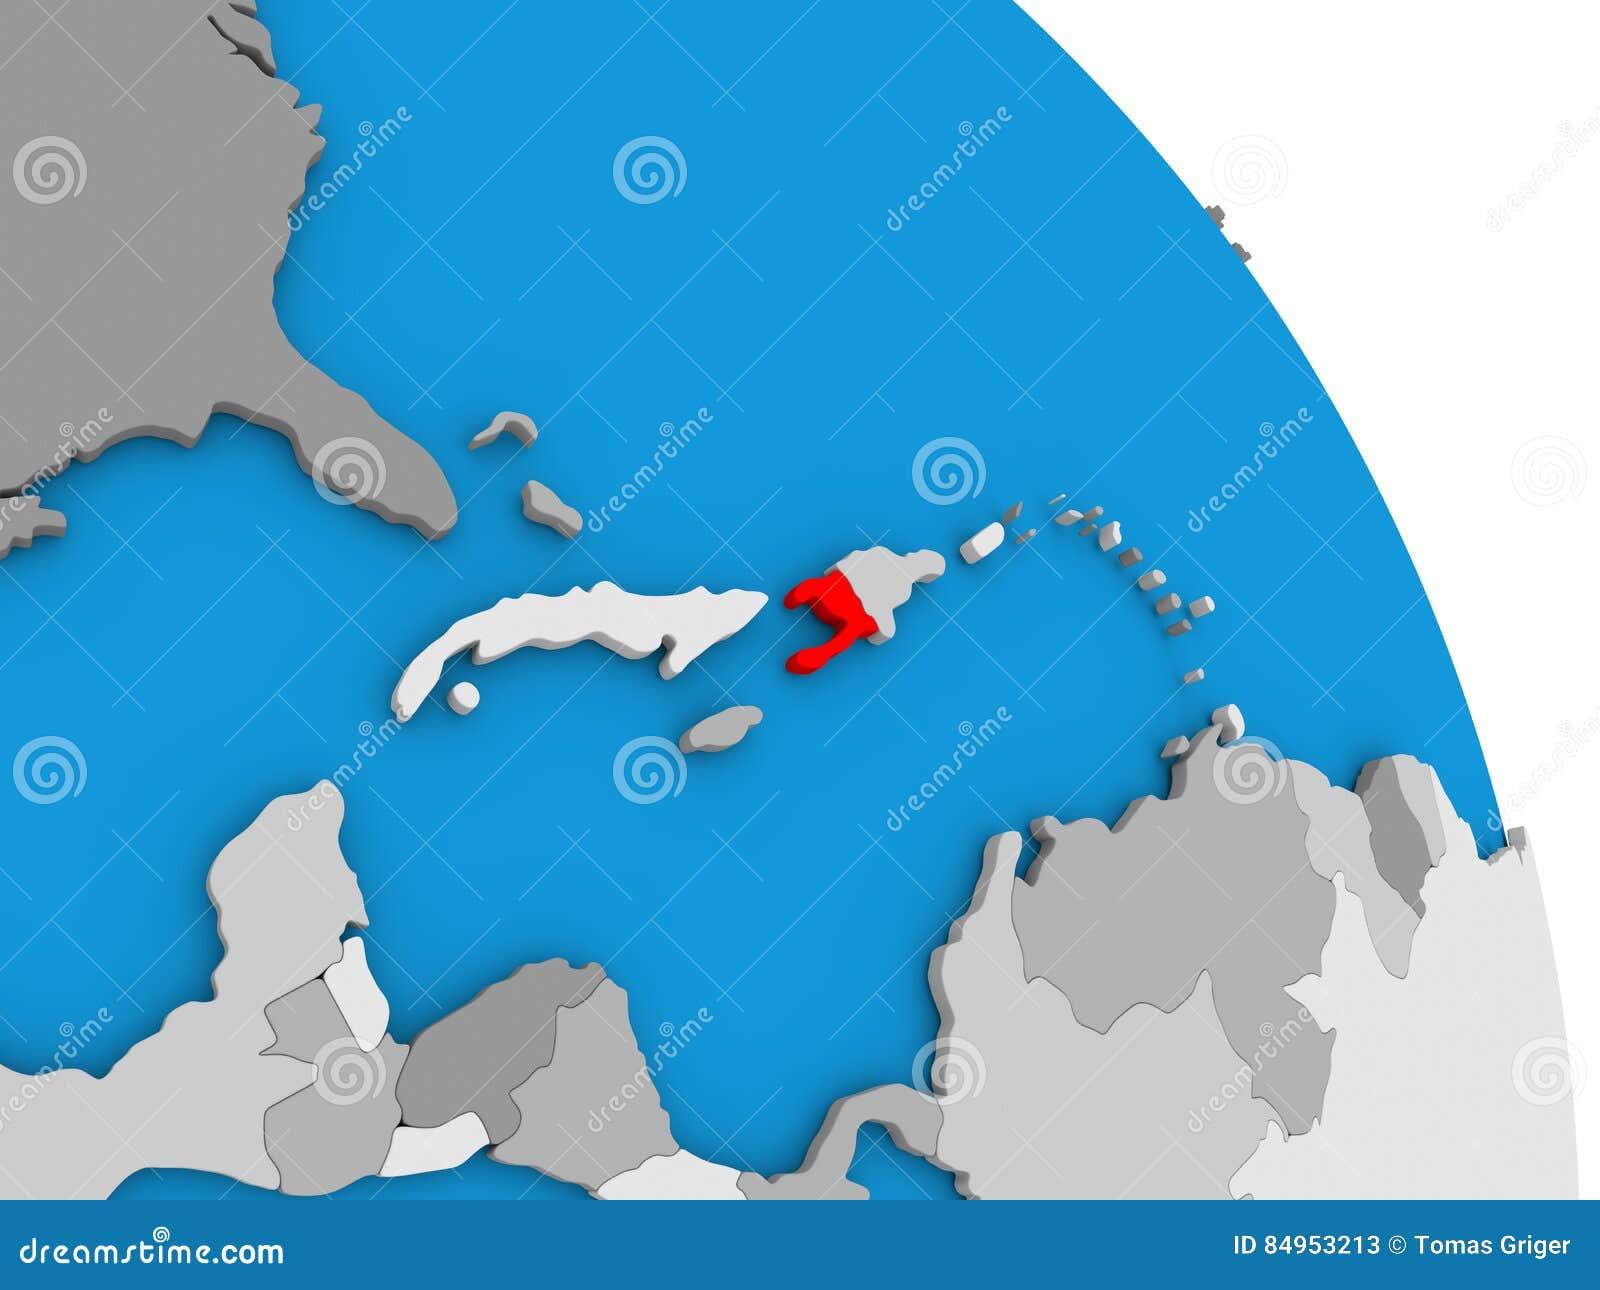 Haiti on globe stock illustration illustration of globe 84953213 download haiti on globe stock illustration illustration of globe 84953213 gumiabroncs Images